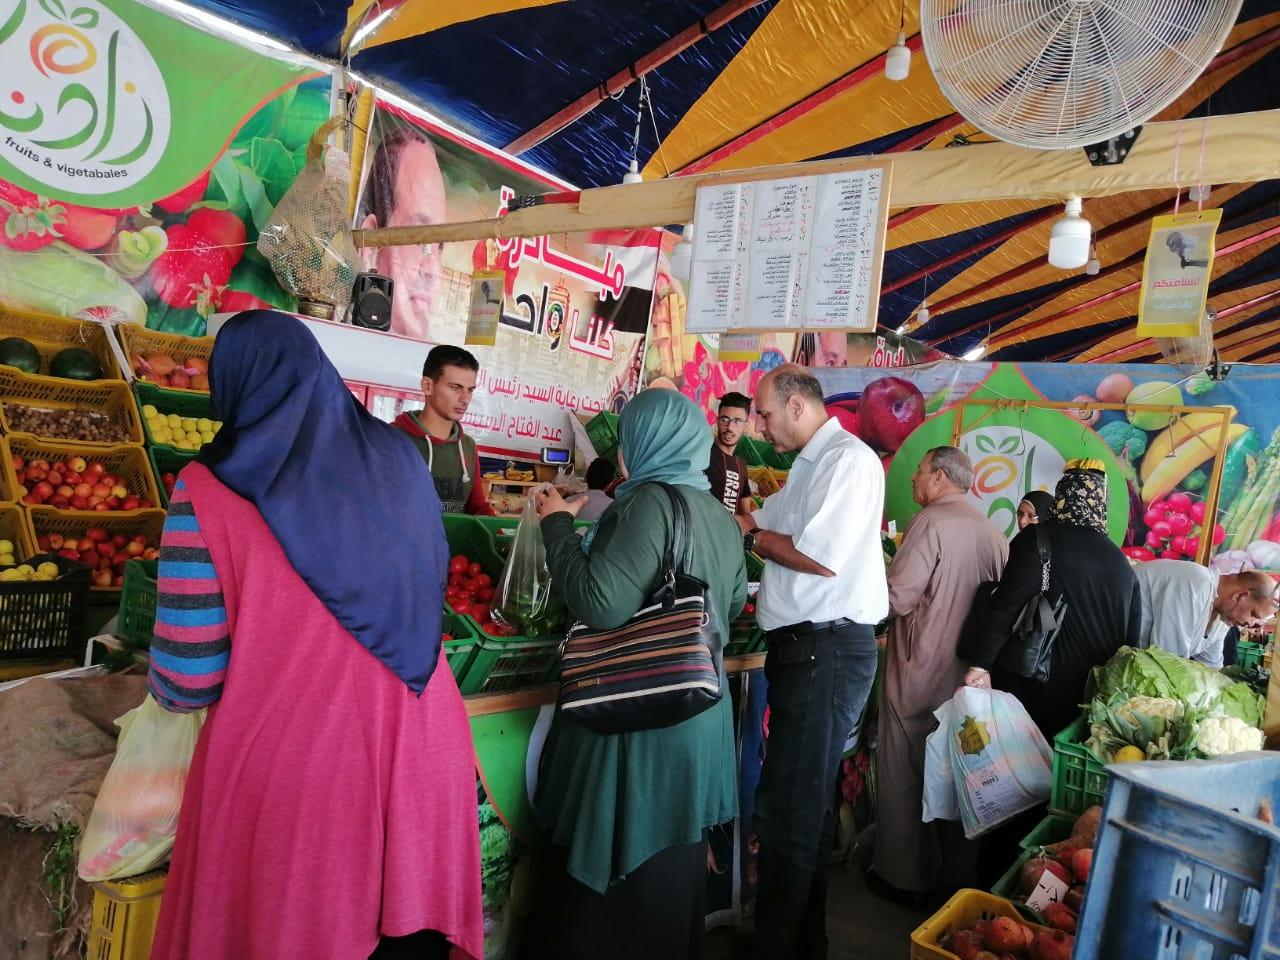 انتعاش بأسواق الخضر والفاكهة بالغربية ورقابة تموينية على الأسعار (4)